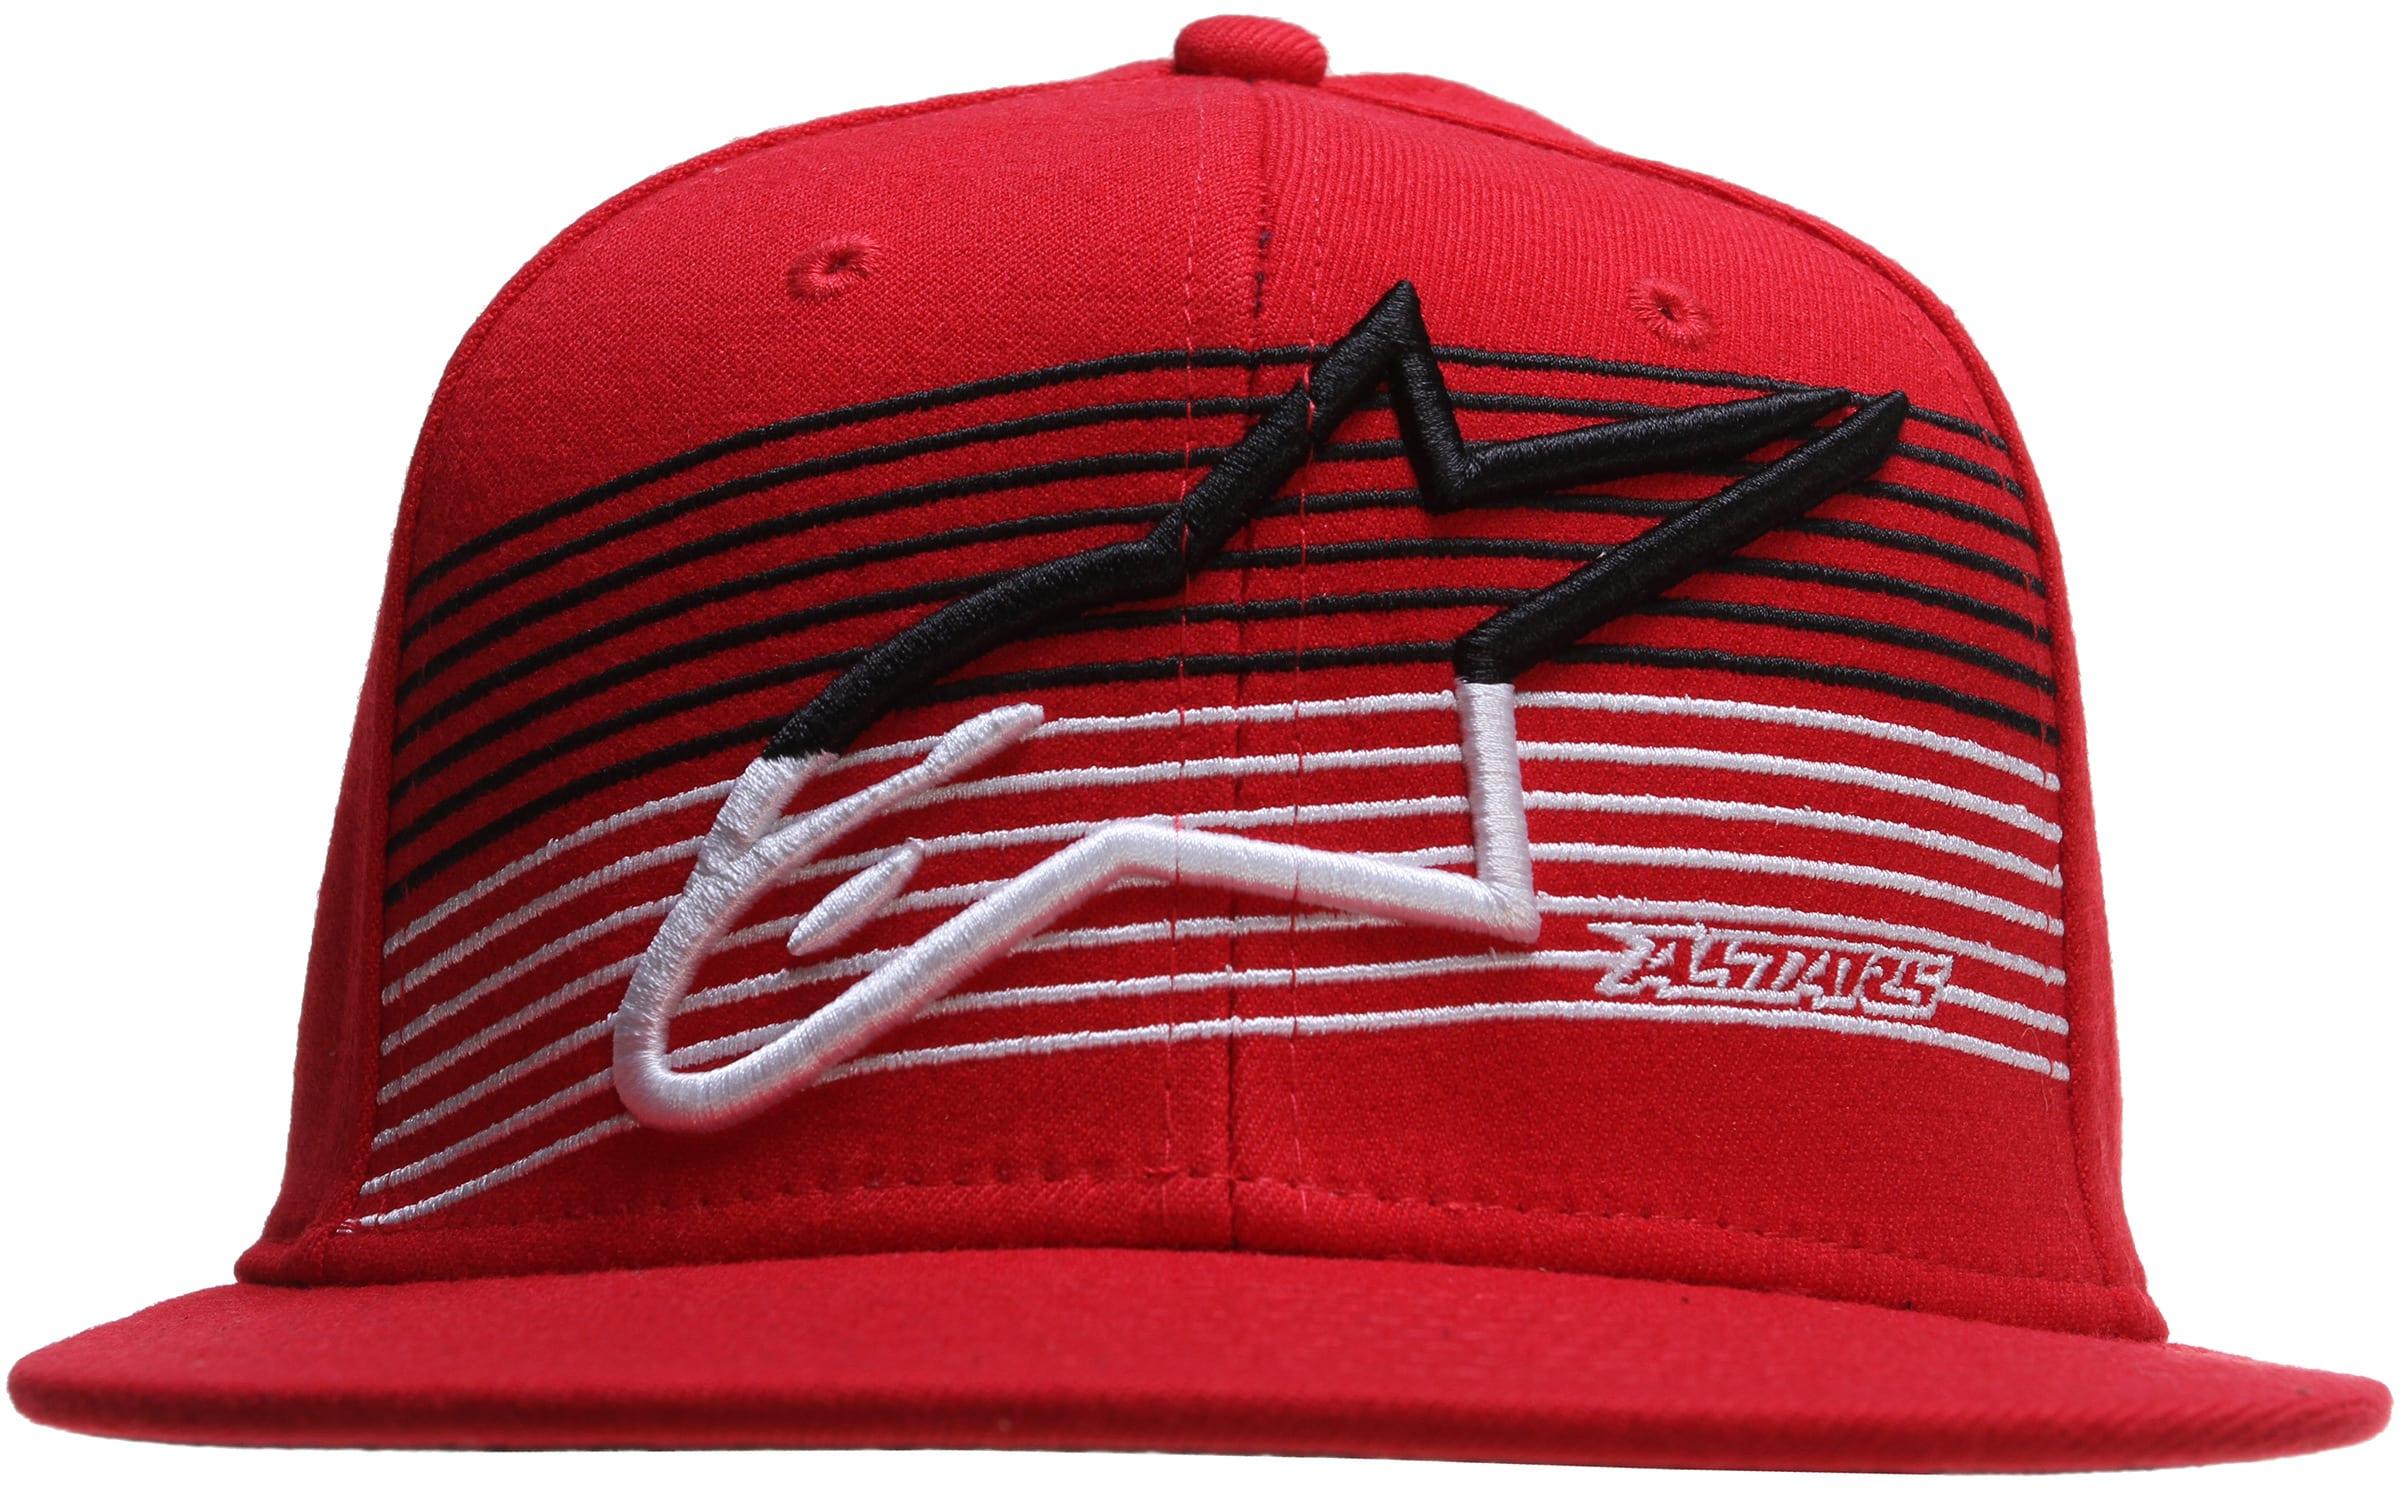 Alpinestars Underlined Flatbill Cap at8unlf24re14zz-alpinestars-caps